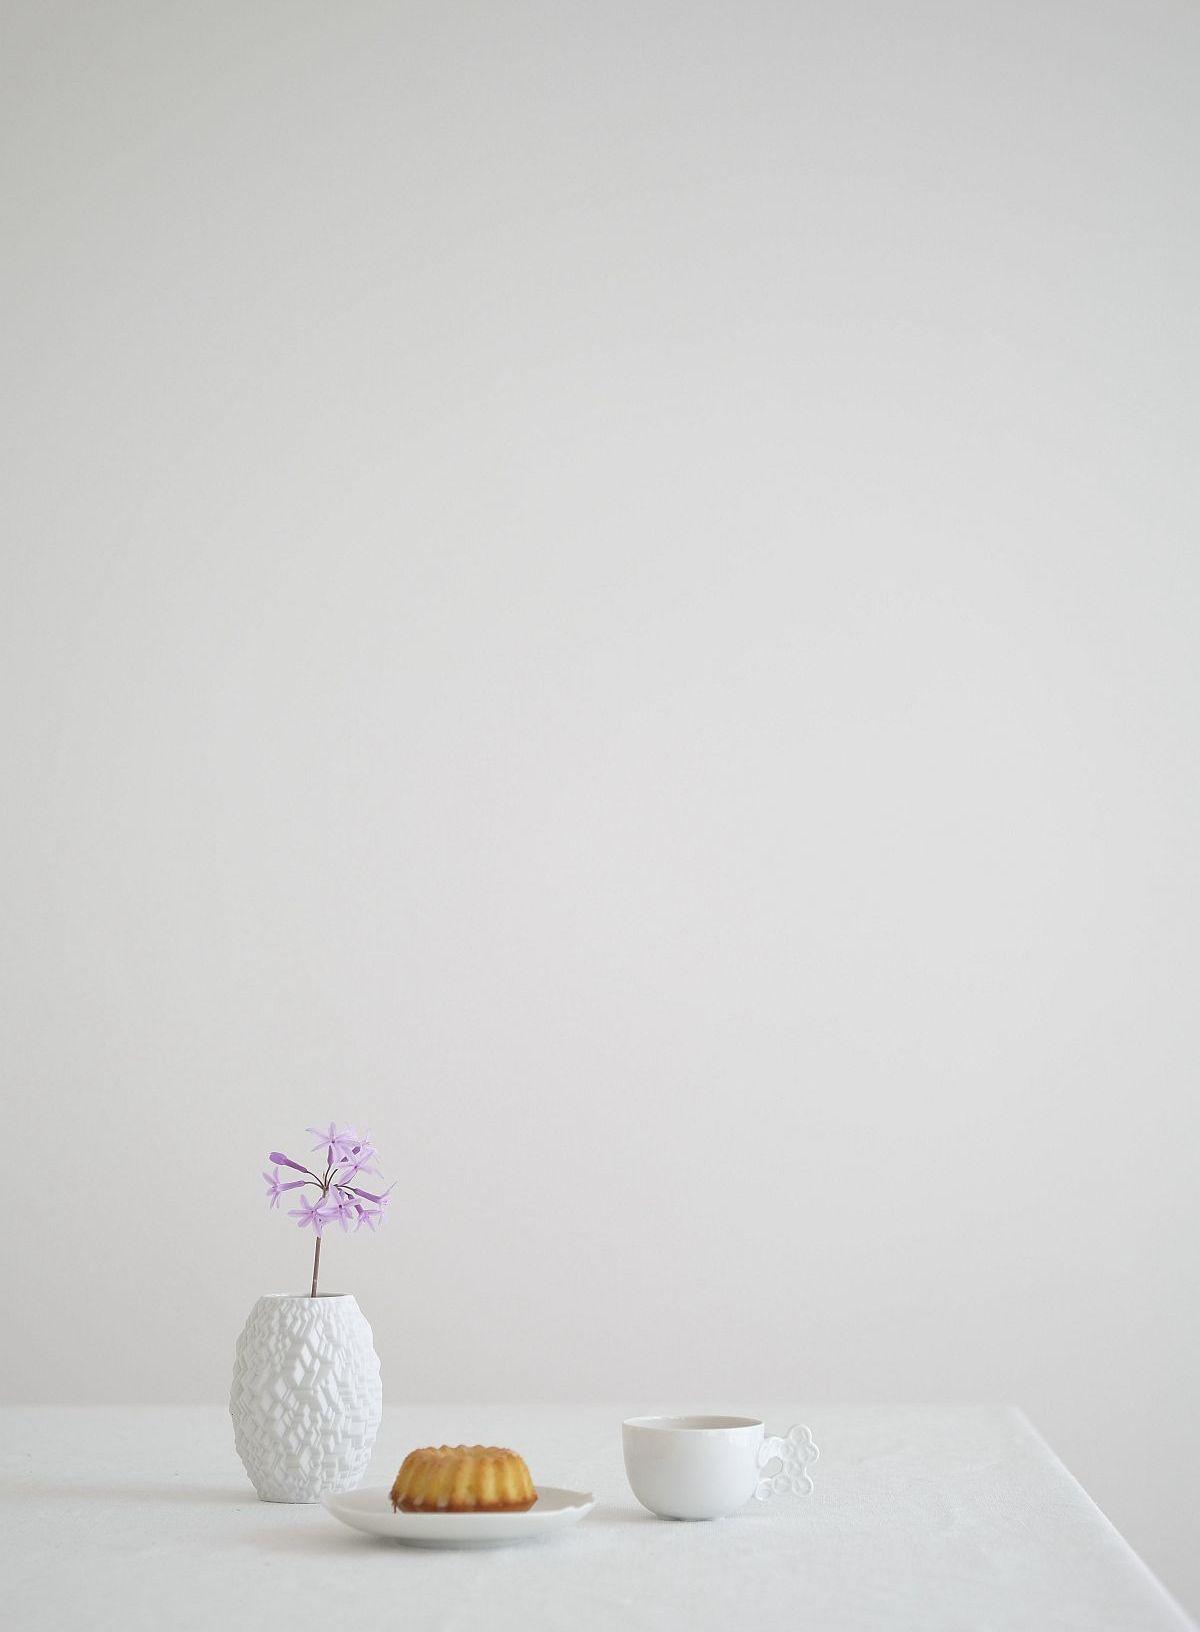 Mini-Zitronen-Gugelhupf Foto: Sabine Wittig